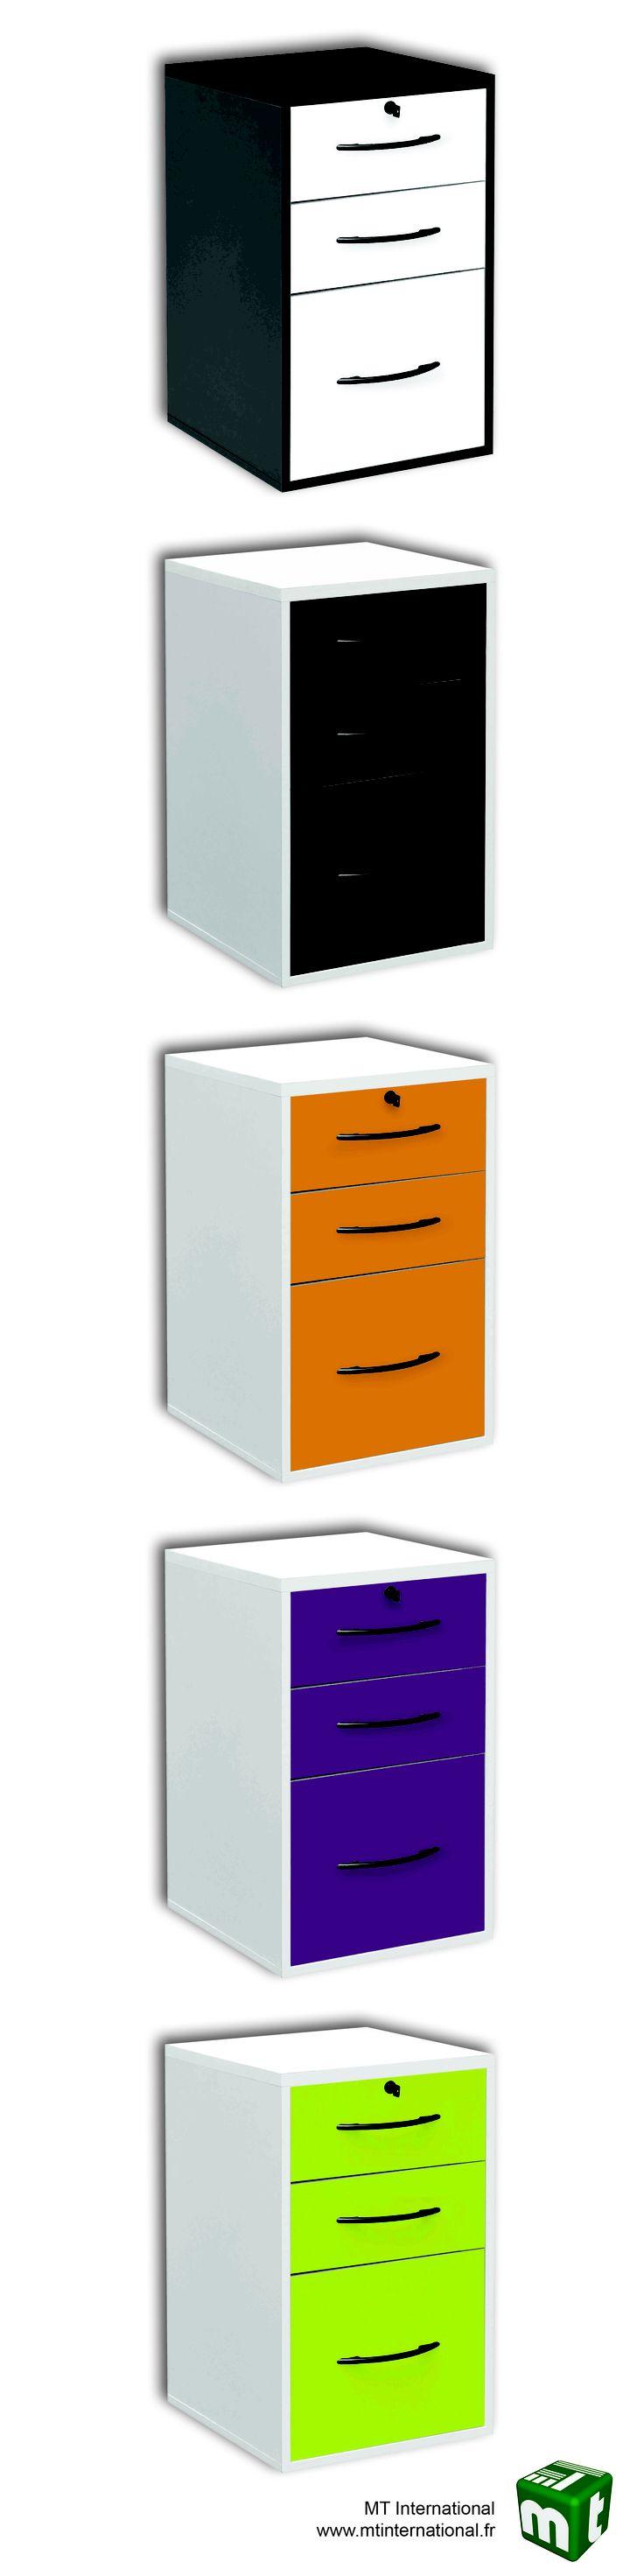 Classeur 2 tiroirs papeterie + 1 tiroir dossiers suspendus - 5 coloris